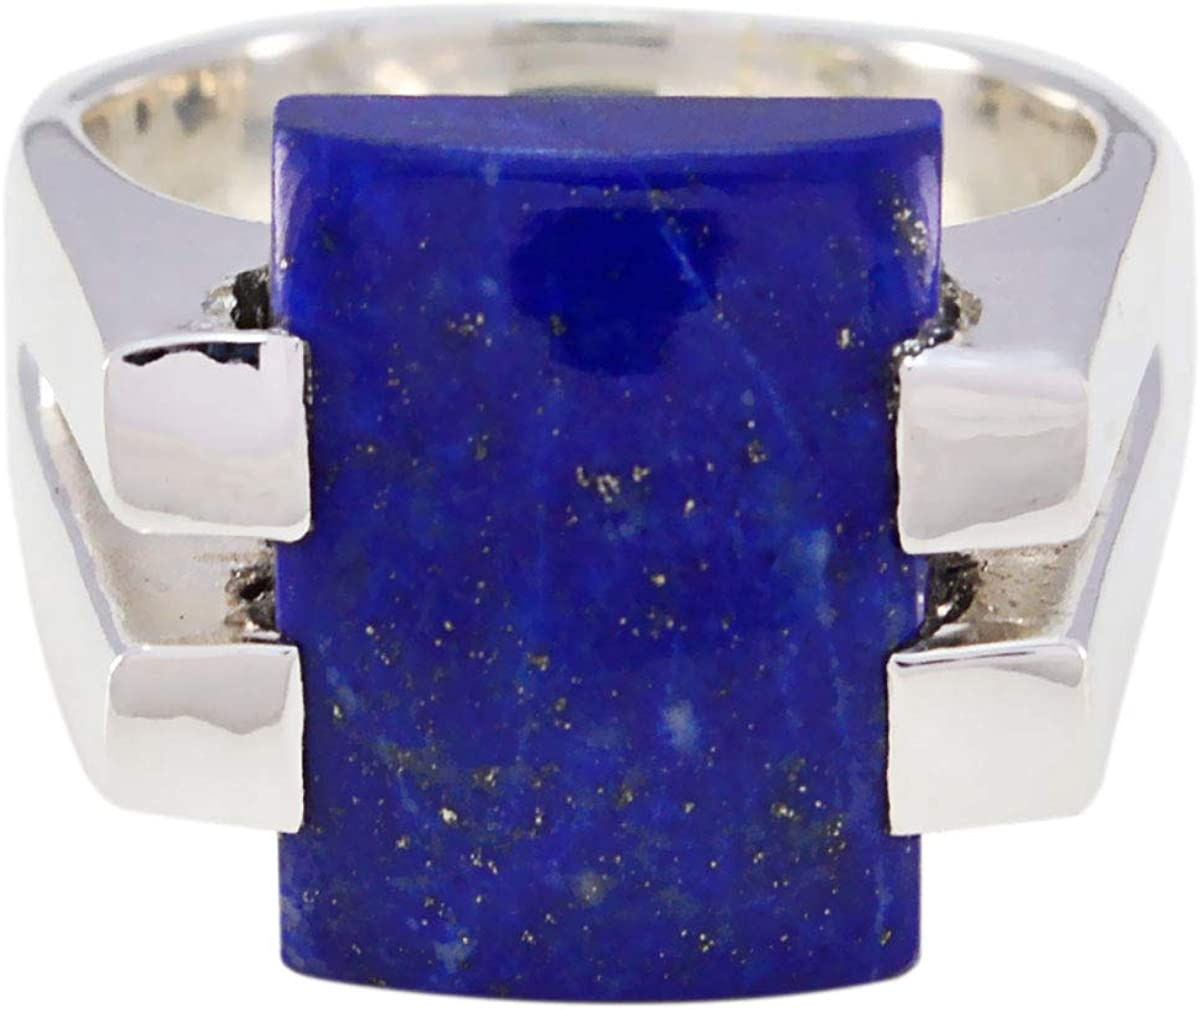 joyas plata bonita piedra preciosa forma octágono una piedra cabujón anillo de lapislázuli - anillo de lapislázuli azul de plata esterlina - libra de nacimiento de octubre